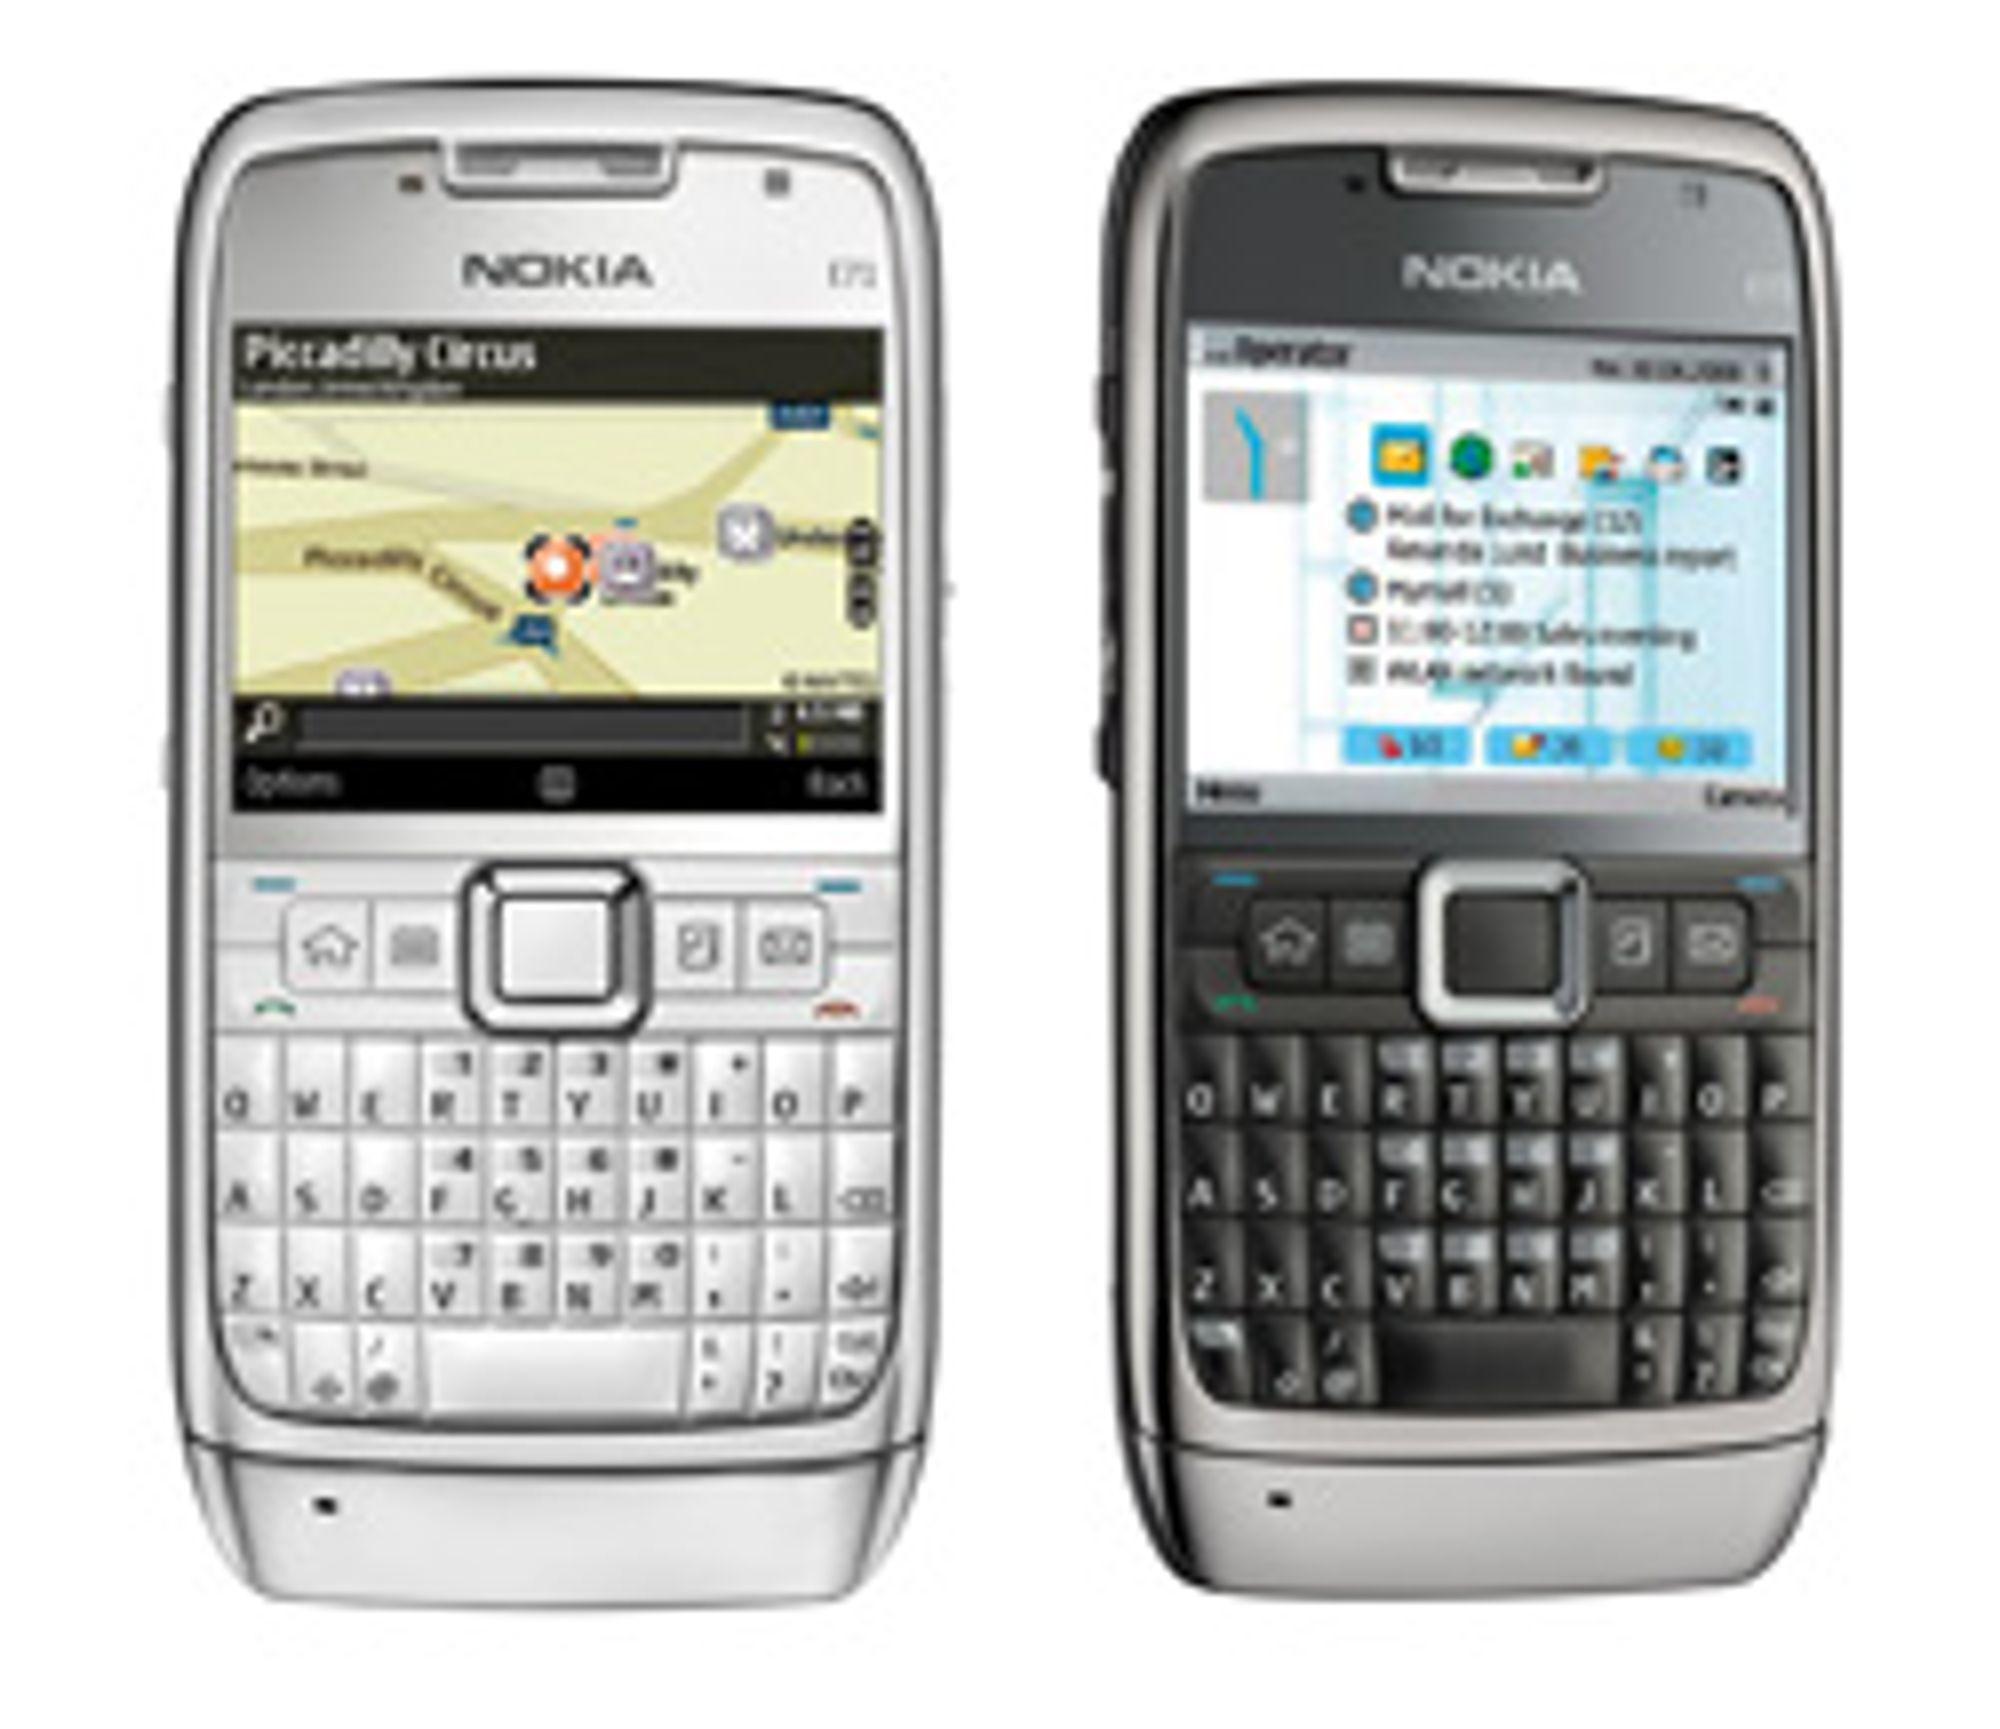 Nokia E71 har allerede Nokia Maps, men for full terrengnavigasjon må du skaffe Viewranger eller Tracker.